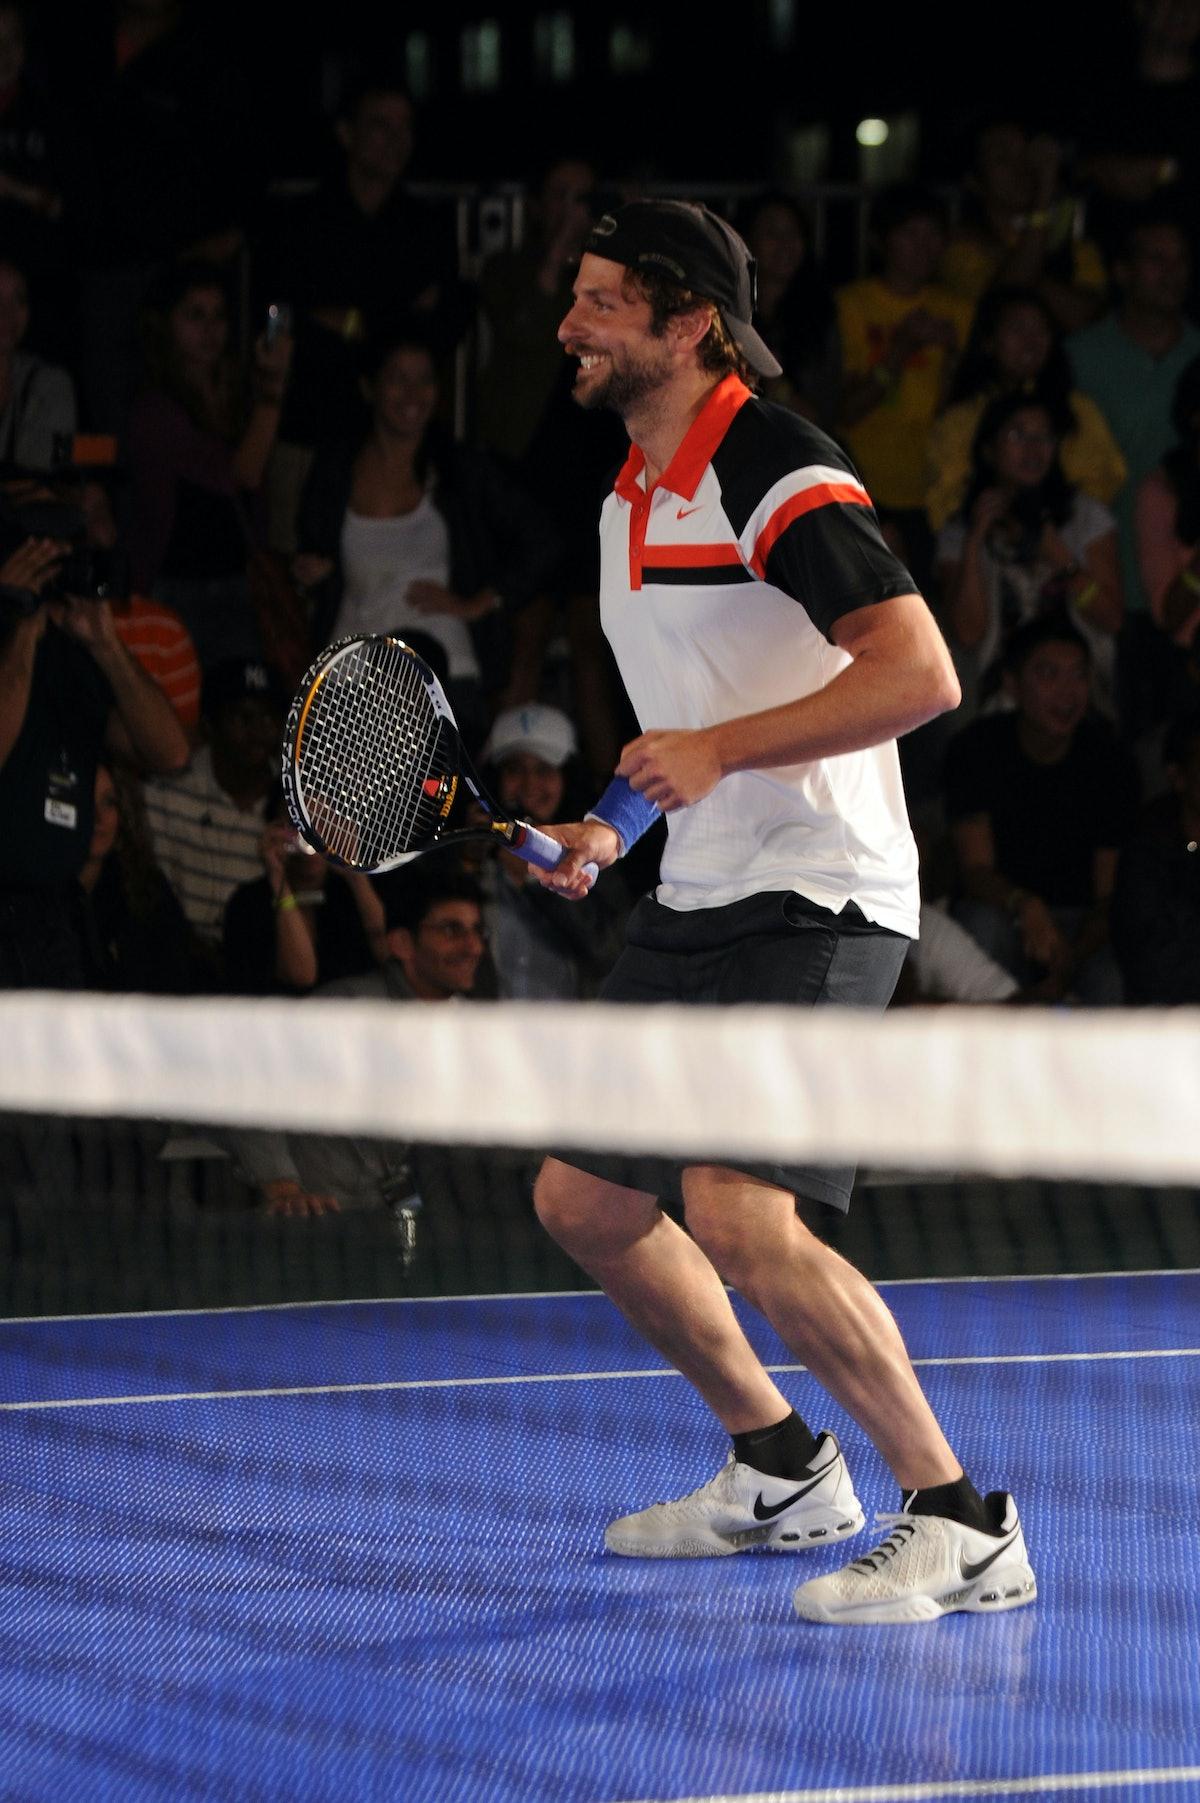 Tennis Pros Set To Unveil 2010 U.S. Open NIKE Designs